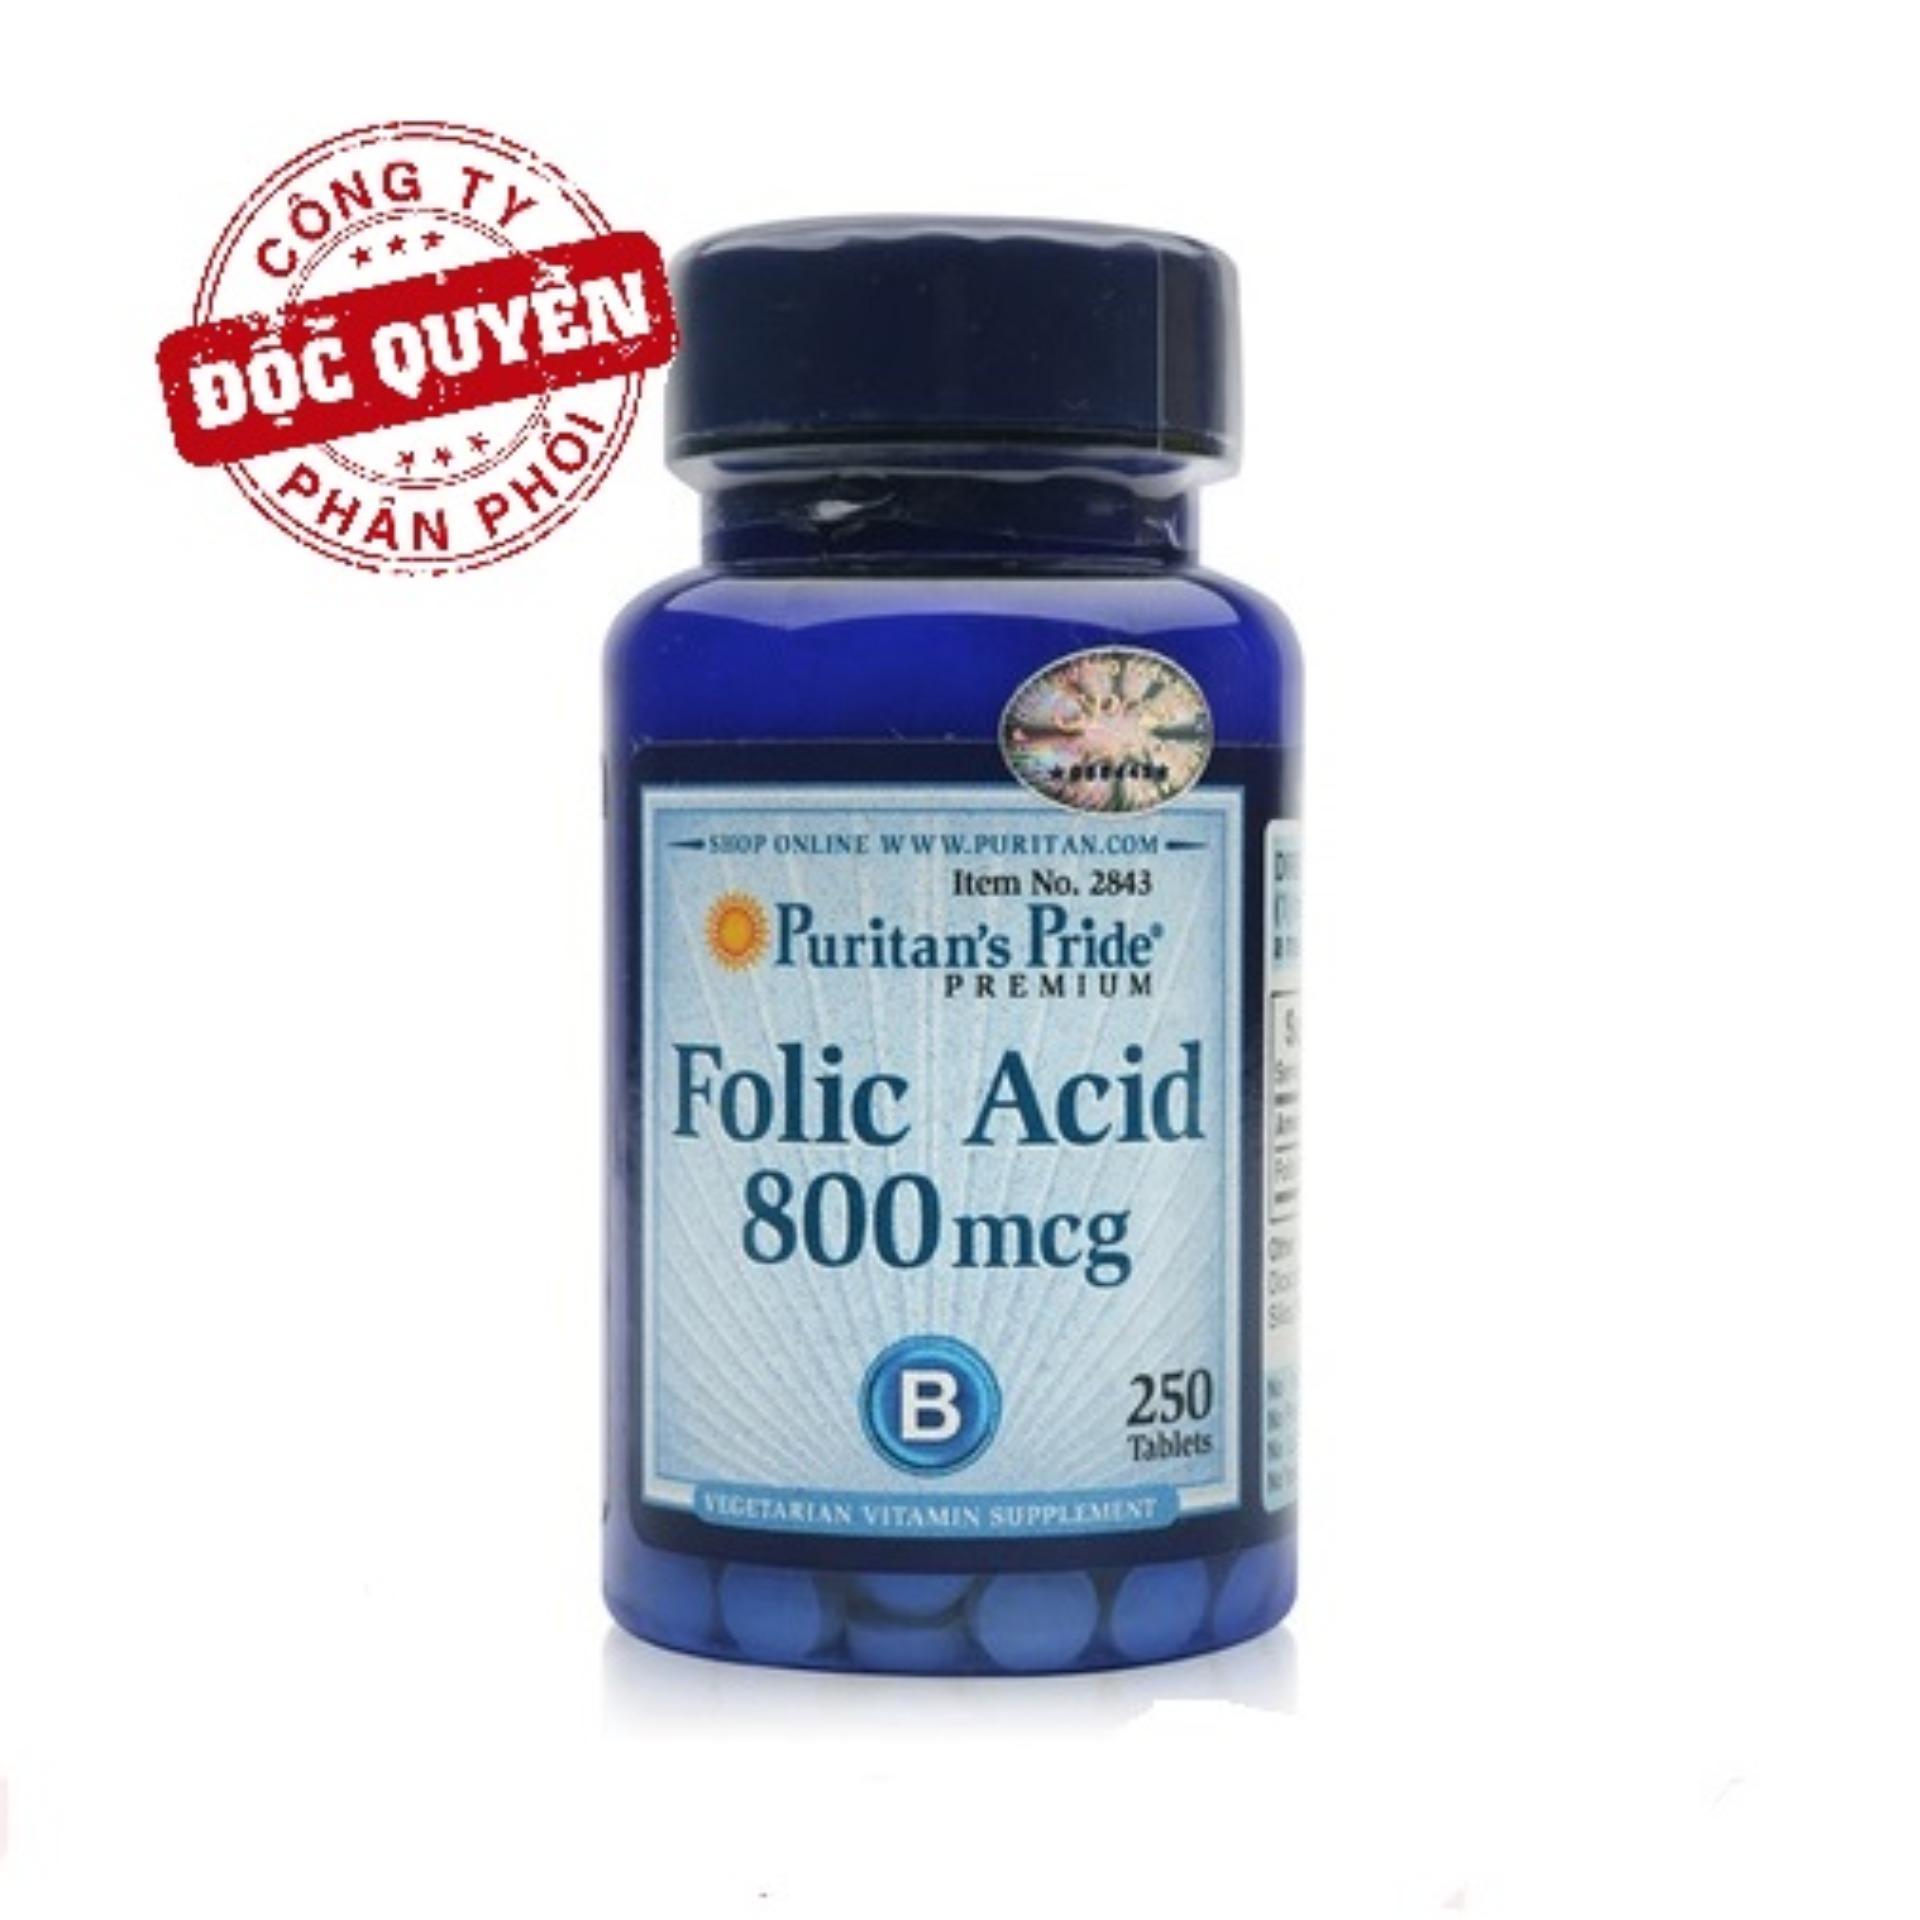 Viên uống ngăn ngừa thiếu máu Puritans Pride Folic Acid 800mcg 250 viên HSD tháng 11/2020 nhập khẩu